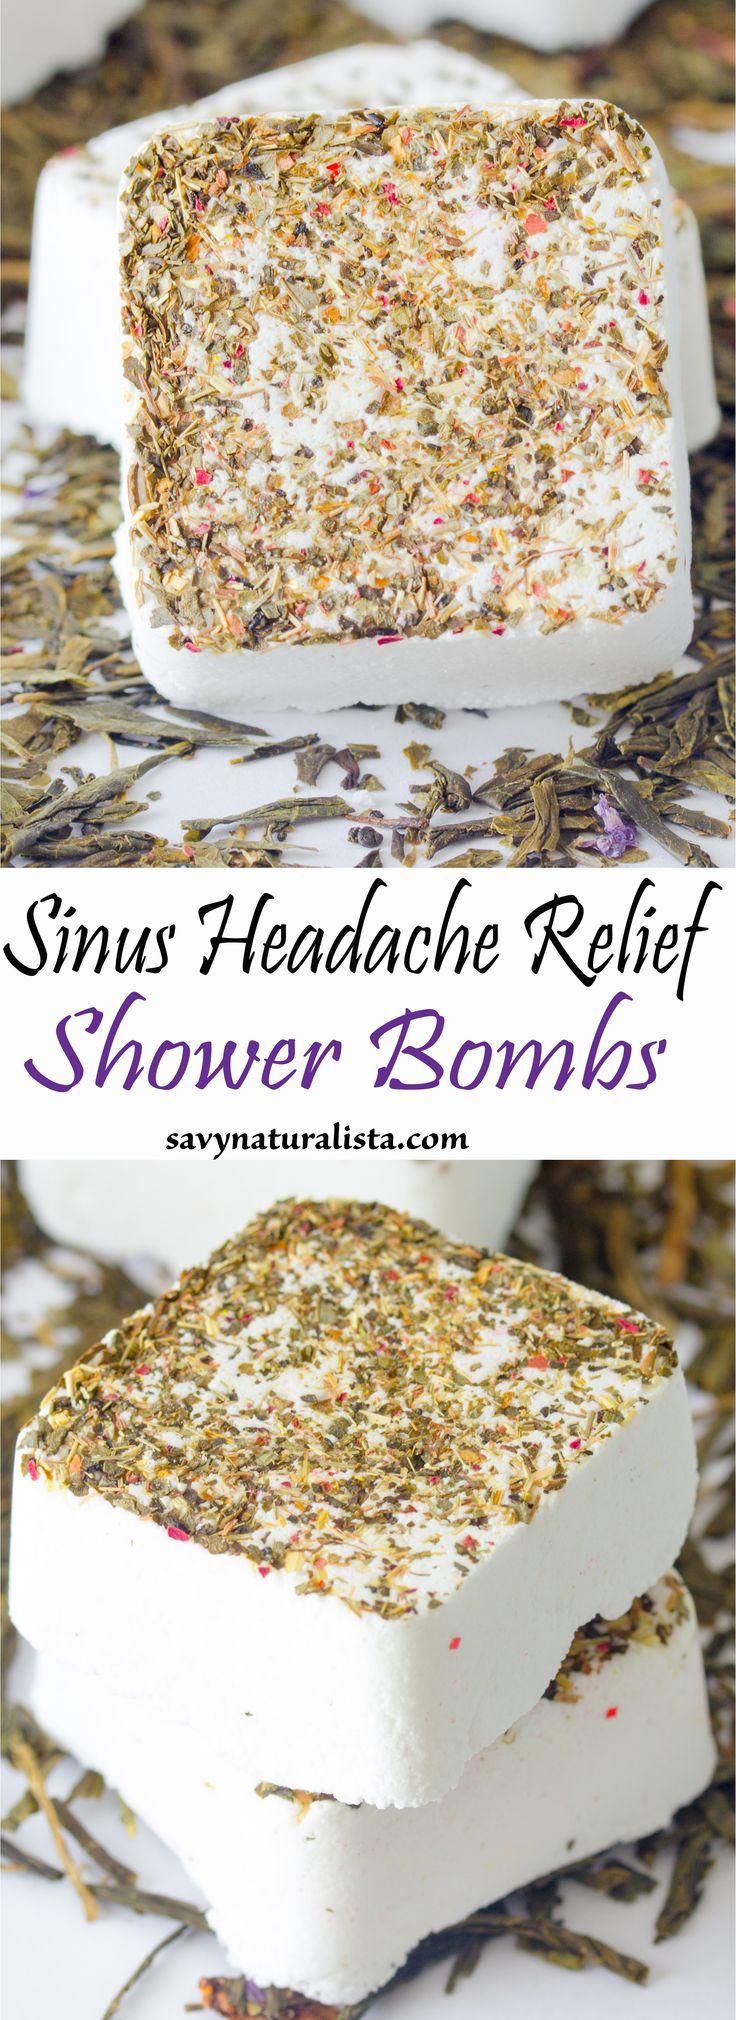 Sinus Headache Relief Shower Bombs